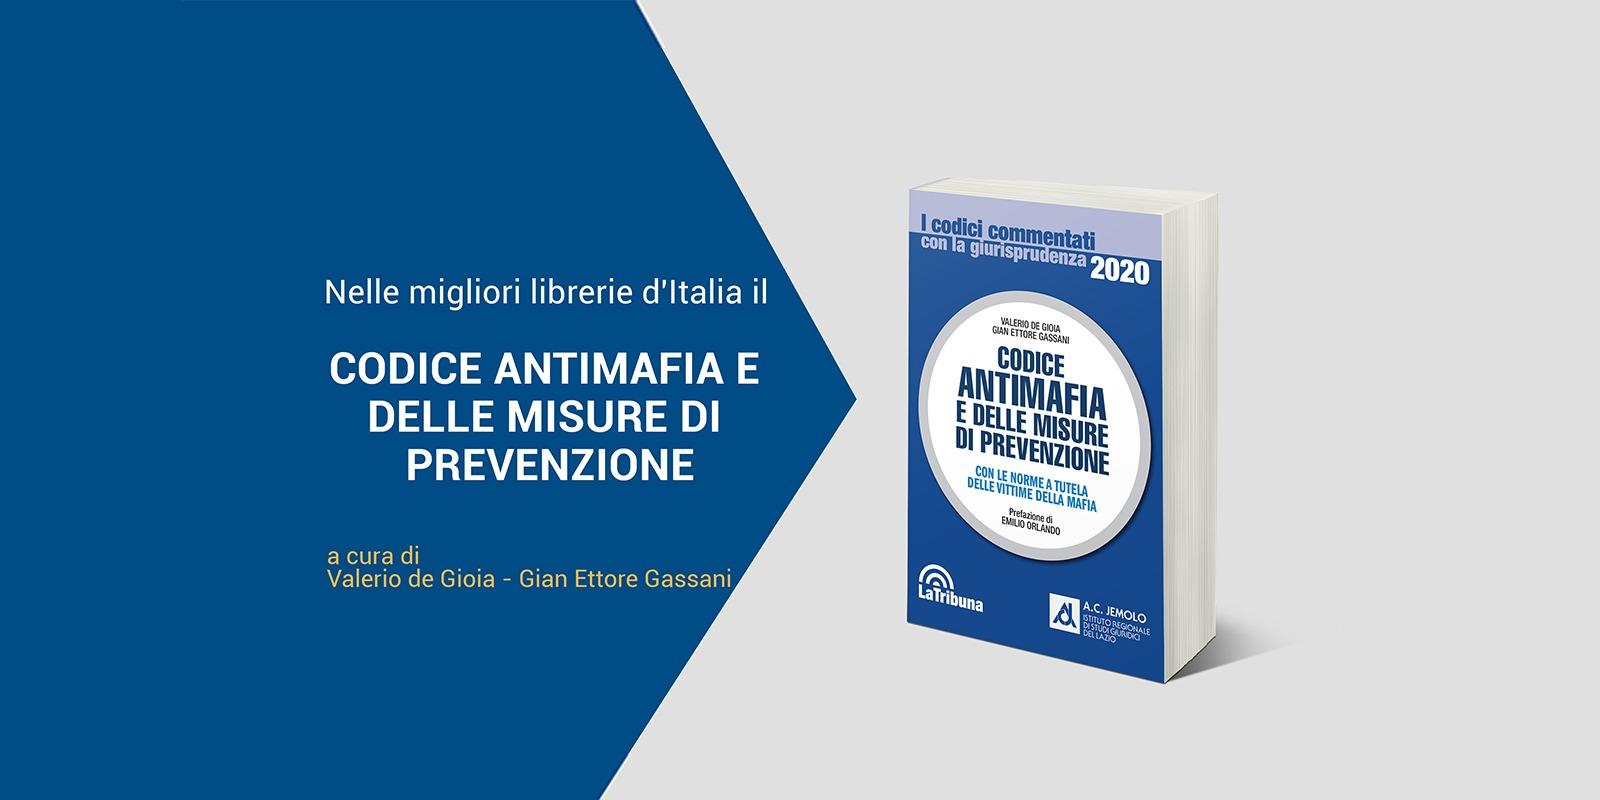 Codice-antimafia-banner-con-dimensioni-per-sito-ok-3 Home page